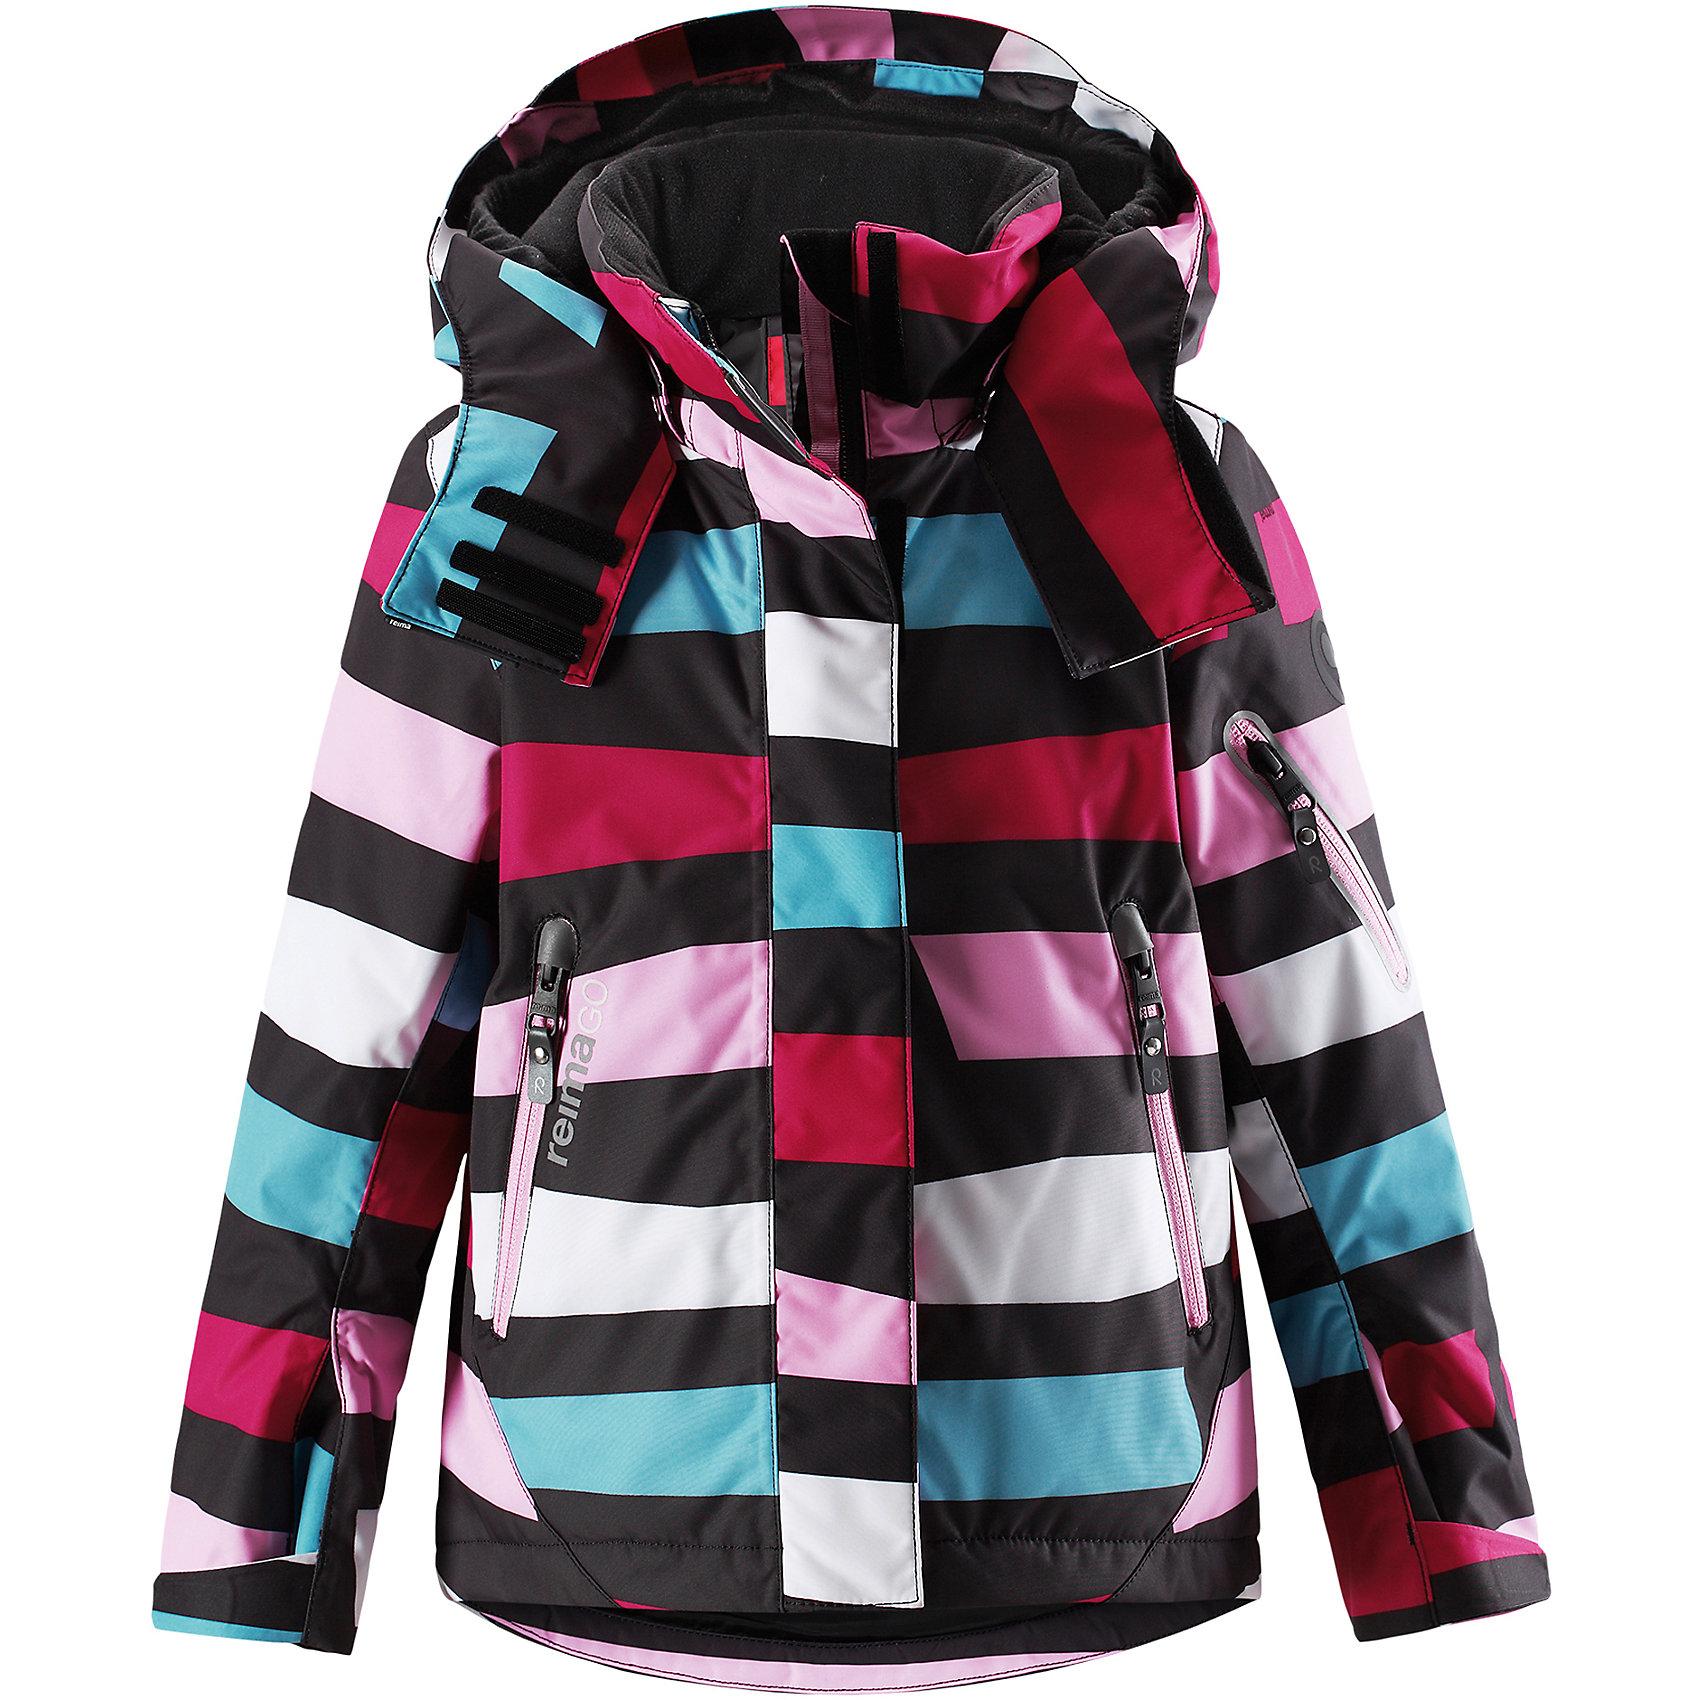 Куртка Reimatec® Reima Roxana для девочкиВерхняя одежда<br>Характеристики товара:<br><br>• цвет: мультиколор;<br>• 100% полиэстер;<br>• утеплитель: 100% полиэстер, 140 г/м2;<br>• сезон: зима;<br>• температурный режим: от 0 до -20С;<br>• водонепроницаемость: 15000 мм;<br>• воздухопроницаемость: 7000 мм;<br>• износостойкость: 30000 циклов (тест Мартиндейла)<br>• ветронепроницаемый, дышащий материал;<br>• водо- грязеотталкивающий материал;<br>• все швы проклеены и водонепроницаемы;<br>• гладкая подкладка из полиэстера;<br>• застежка: молния с дополнительной планкой на липучках;<br>• защита подбородка от защемления;<br>• безопасный, съемный и регулируемый капюшон;<br>• регулируемые манжеты и внутренние манжеты из лайкры;<br>• регулируемый подол, снегозащитный манжет на талии;<br>• карманы на молнии, карман для skipass на рукаве;<br>• карман для очков и внутренний нагрудный карман;<br>• карман с креплениями для сенсора ReimaGO®;<br>• светоотражающие элементы;<br>• страна бренда: Финляндия;<br>• страна производства: Китай.<br><br>Зимняя куртка на молнии Reimatec® с множеством функциональных деталей. Куртка с проклеенными швами сшита из специального, водо и грязеотталкивающего и дышащего материала. Эта куртка с подкладкой из гладкого полиэстера легко надевается, и ее очень удобно носить с теплым промежуточным слоем. <br><br>Манжеты и подол куртки регулируются, так что ее можно подогнать точно по фигуре. Снежную юбку можно пристегнуть к подкладке, если она не используется. Съемный и регулируемый капюшон безопасен во время игр на свежем воздухе, он легко отстегнется, если вдруг за что-нибудь зацепится. Капюшон также оснащен козырьком и отворотом, защищающим шею от ветра. <br><br>Отделку этой модной зимней модели довершают контрастные молнии на карманах, карман для лыжной карты на рукаве, нагрудный карман и карманы на молнии и специальный карман для сенсора ReimaGO. Эта куртка очень проста в уходе, кроме того, ее можно сушить в стиральной машине. Благодаря множеству практичны